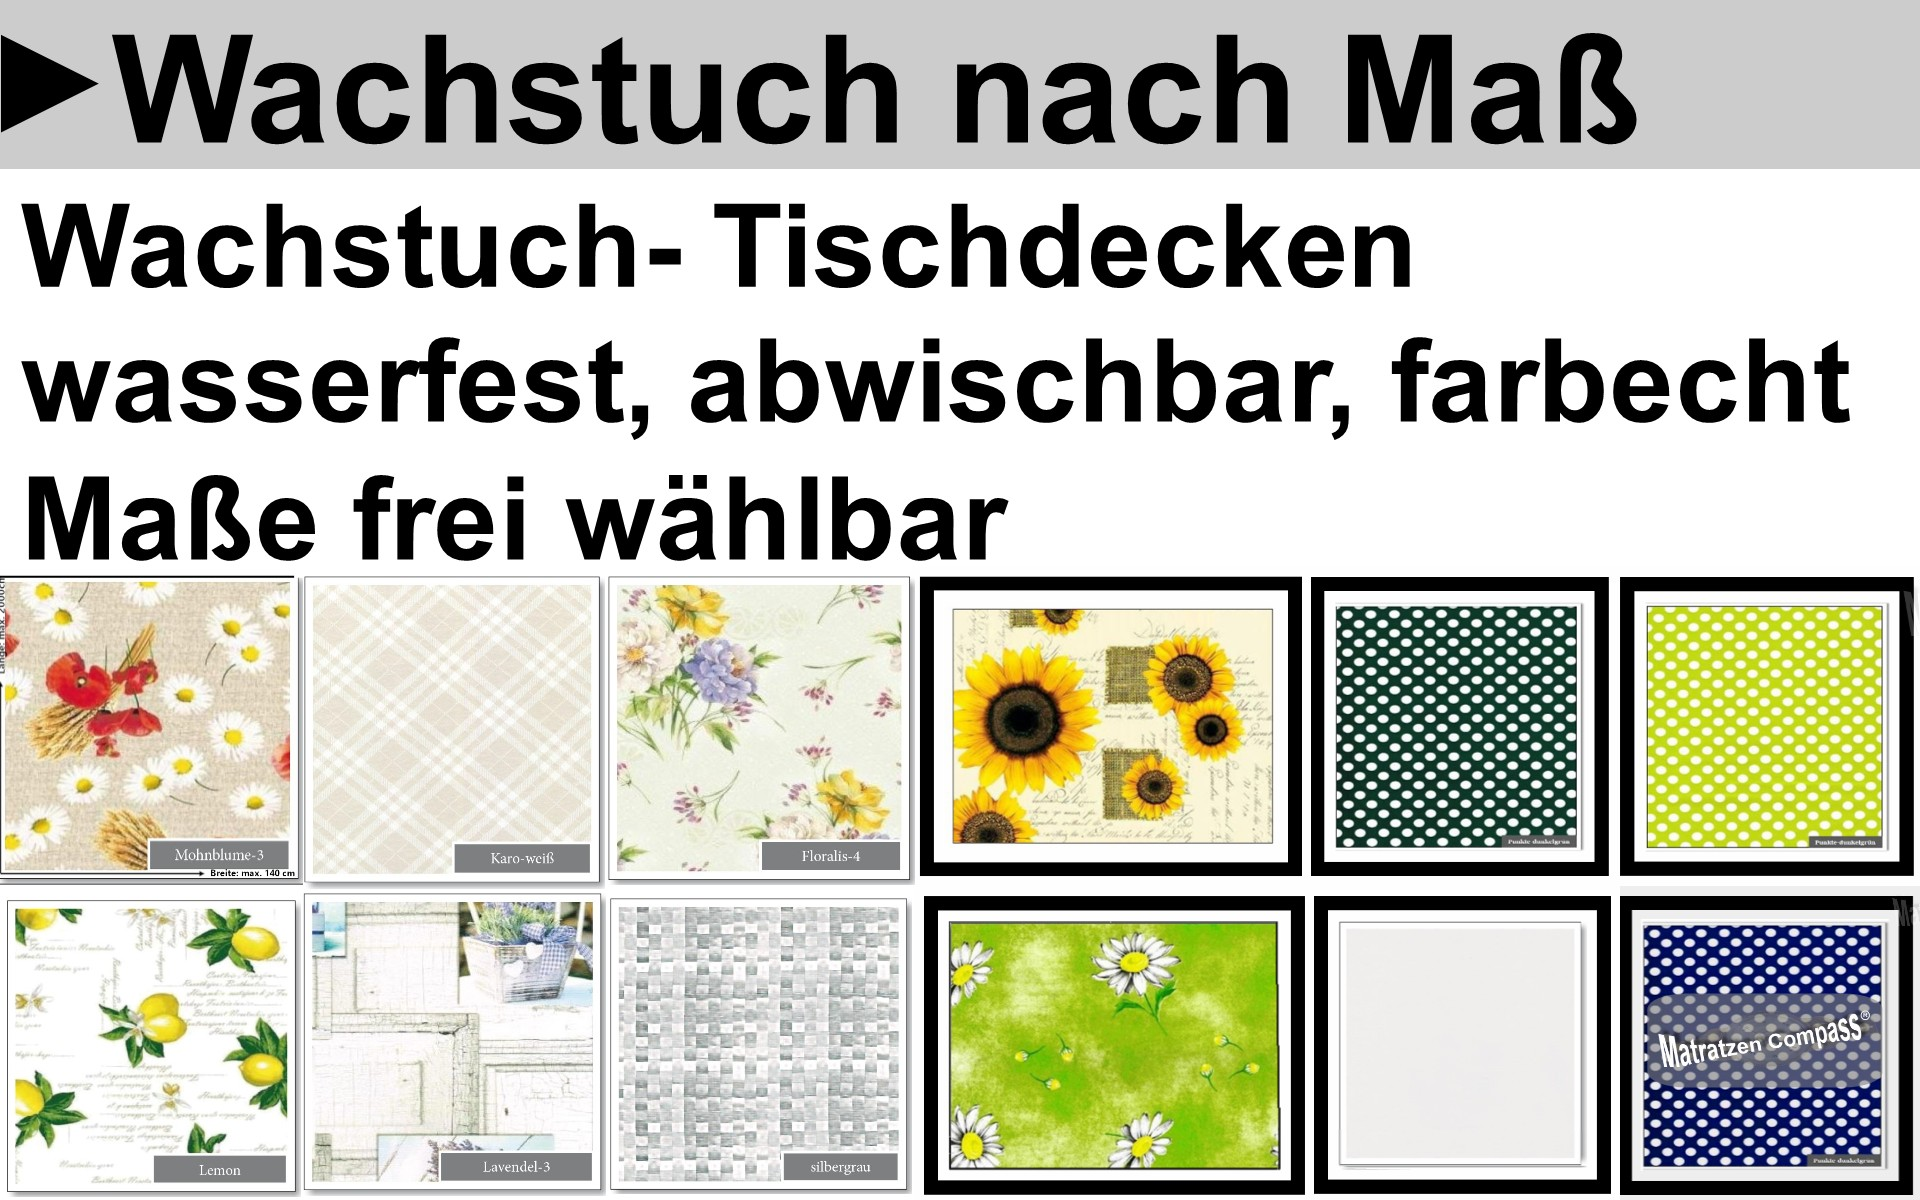 Wachstuchtischdecke-nach-Mass-Wachstuchtischdecke-Zuschnitt-Wachstuchtischdecke-preiswert-Wachstuchtischdecke-online-Tischdecke-wasserfest-Wachstuchtischdecke-abwischbar